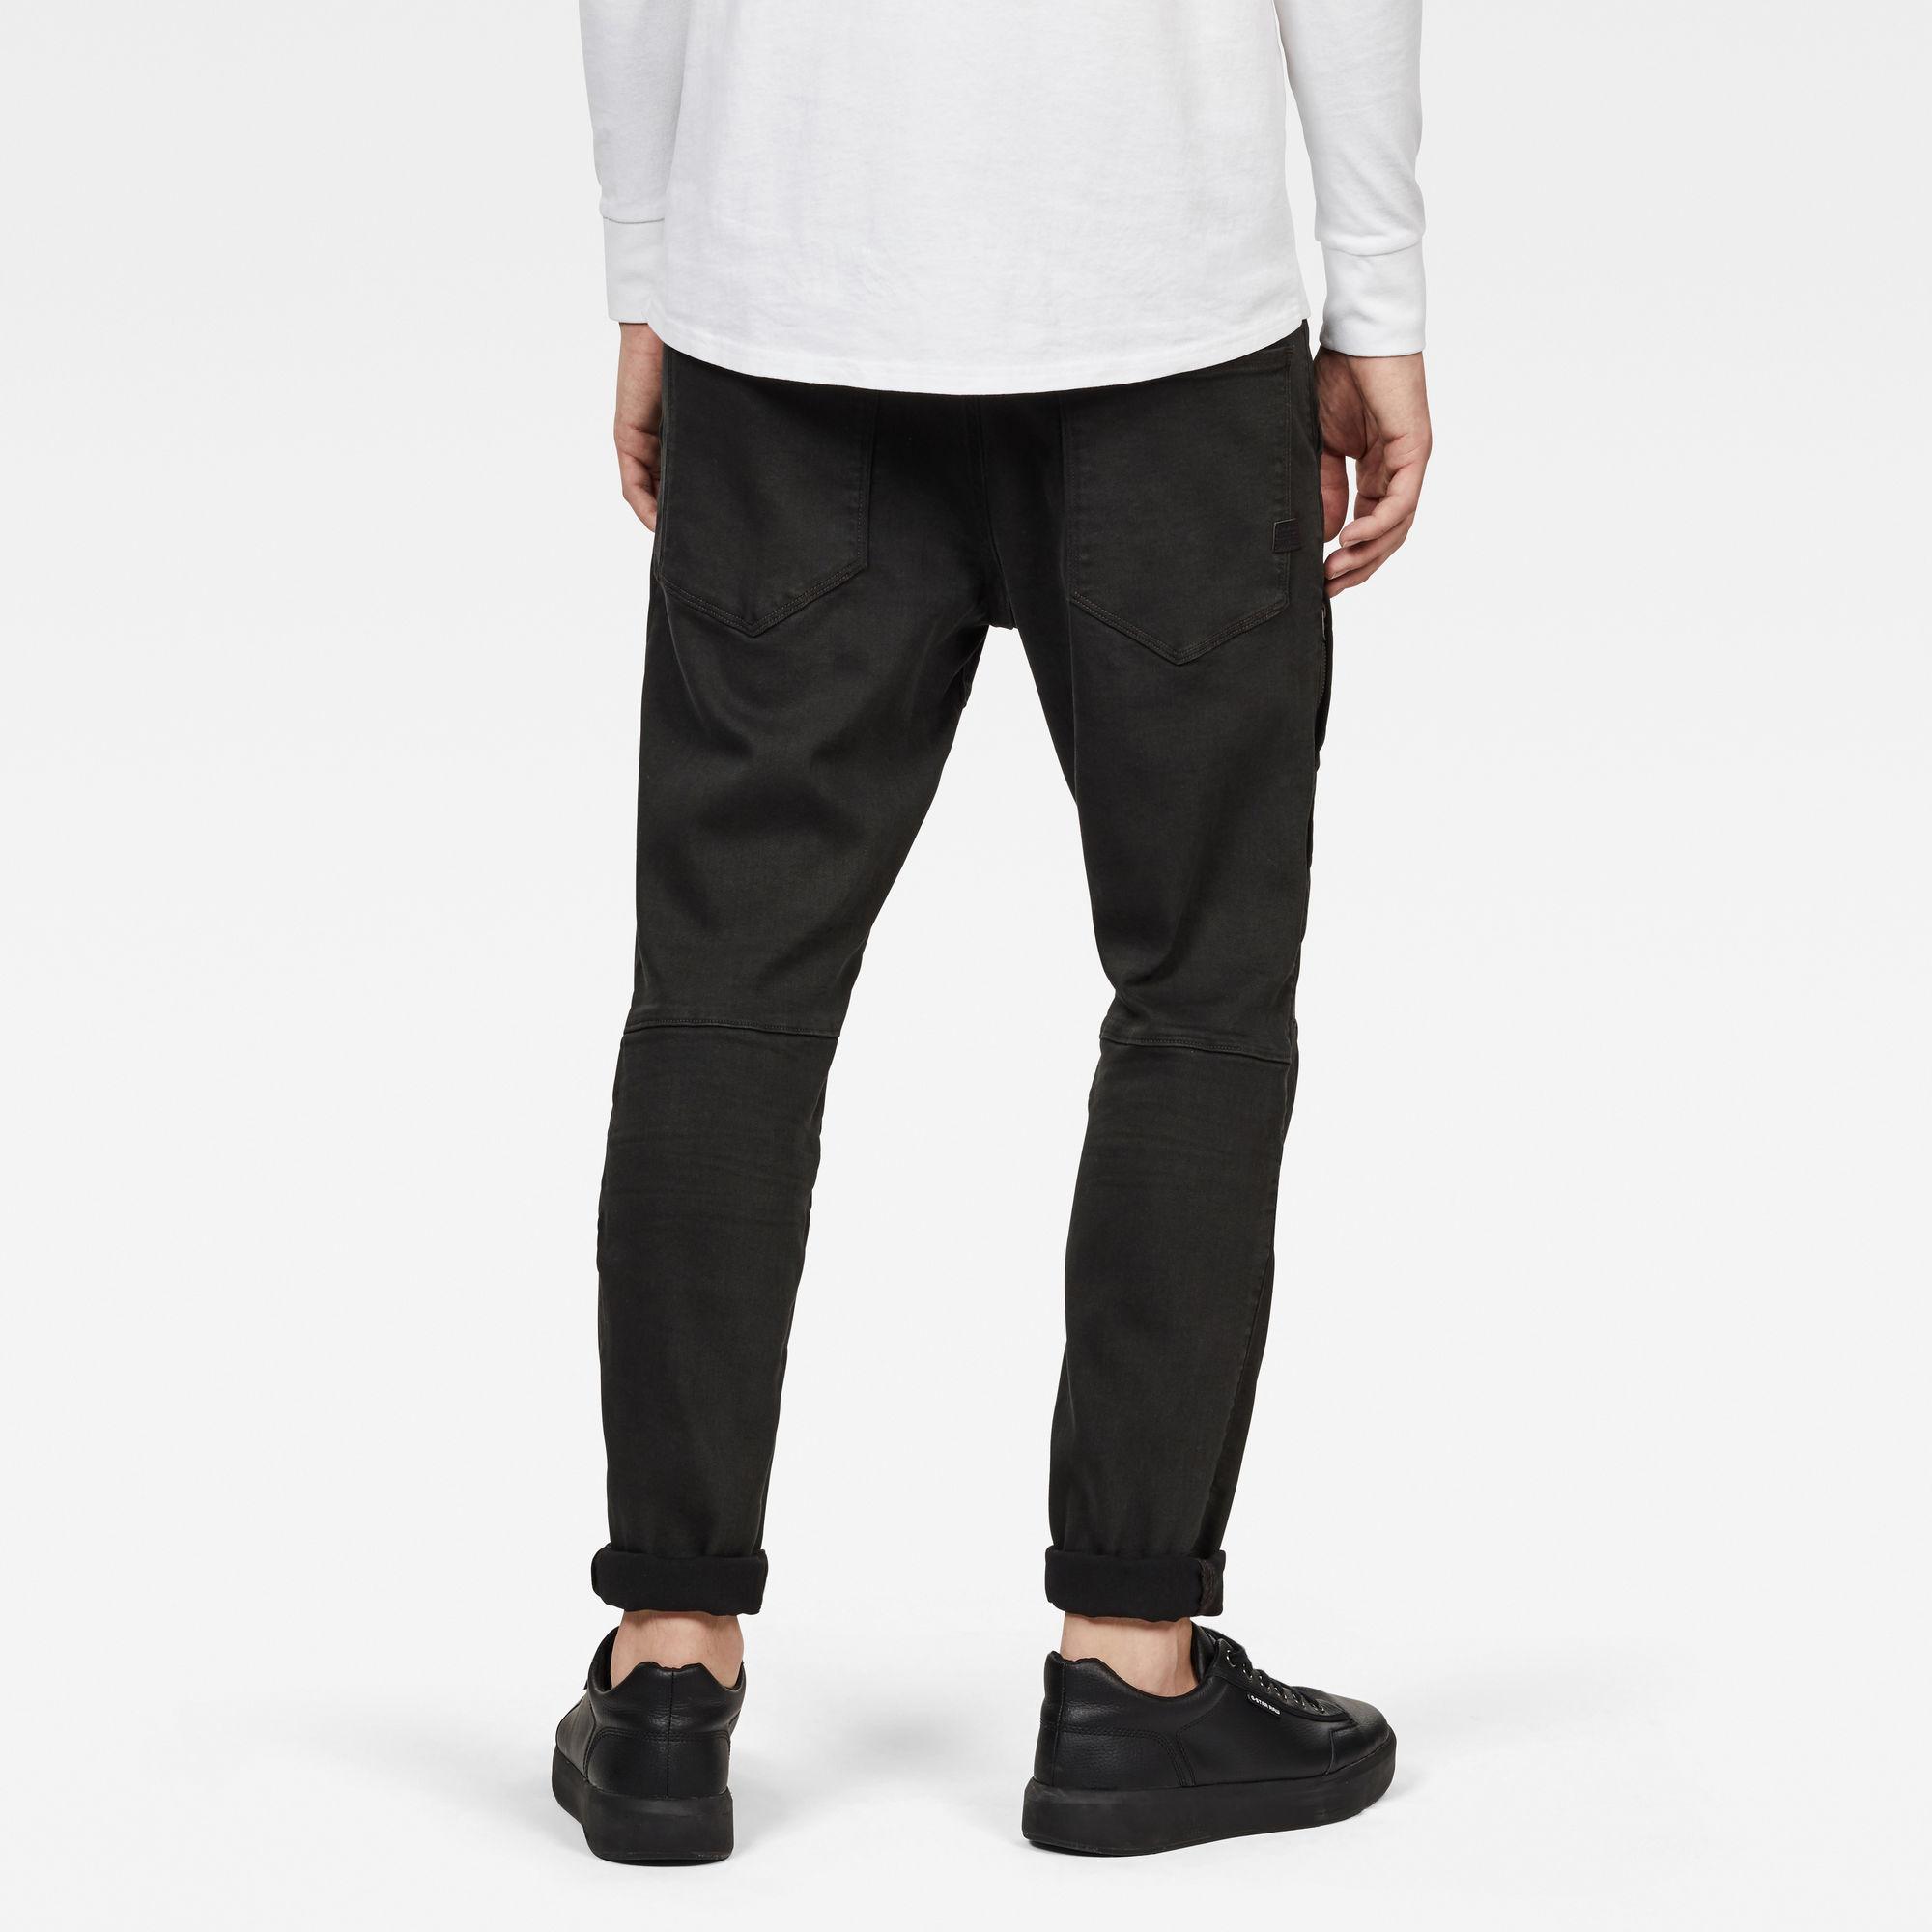 Rackam 3D Slim Sweatpants